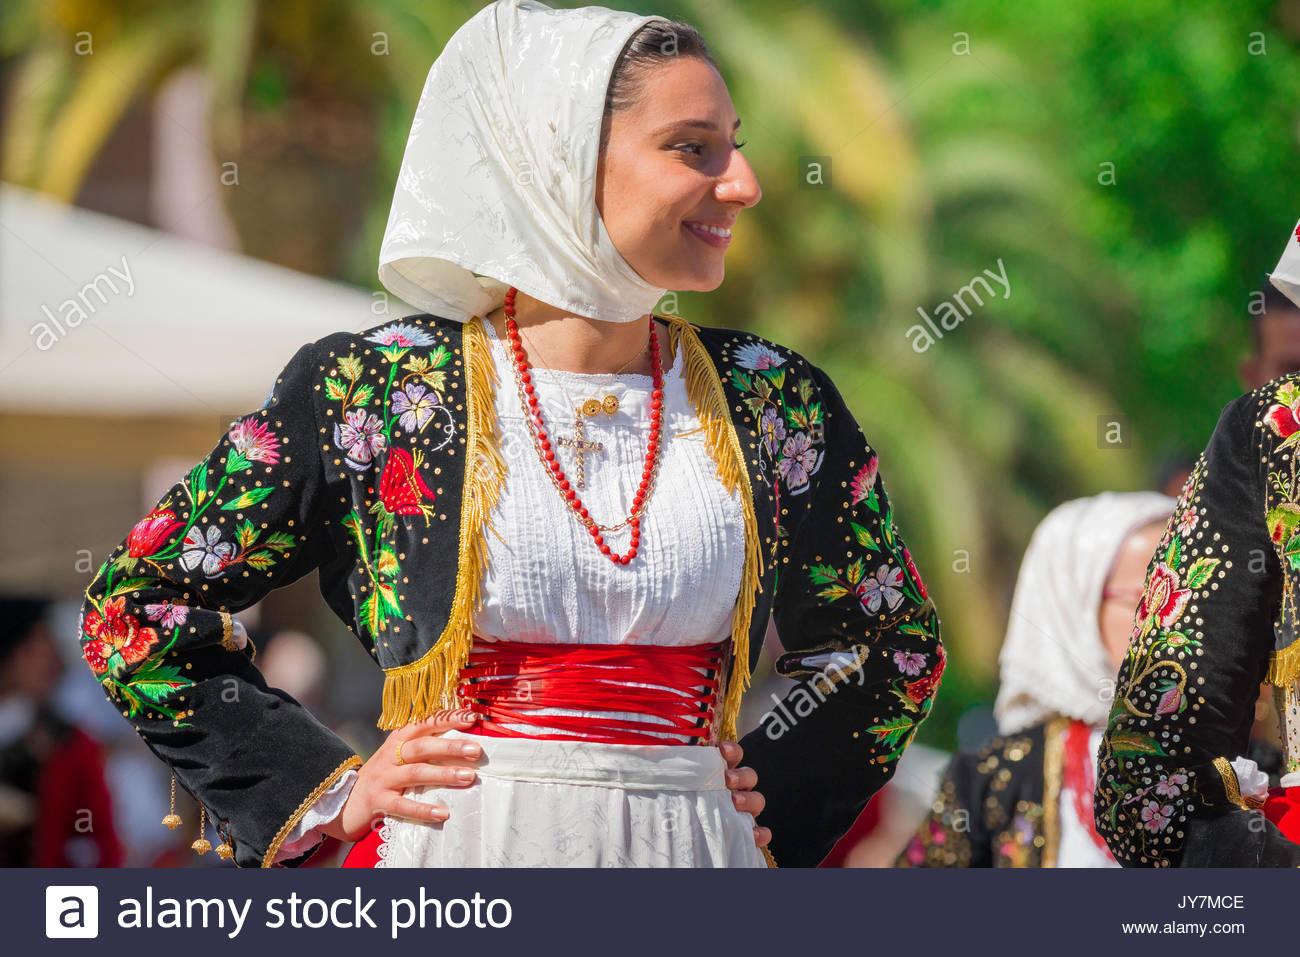 Traje tradicional de Cerdeña, retrato de una mujer joven que participan en el gran desfile de la Cavalcata festival en Sassari, Cerdeña. Imagen De Stock